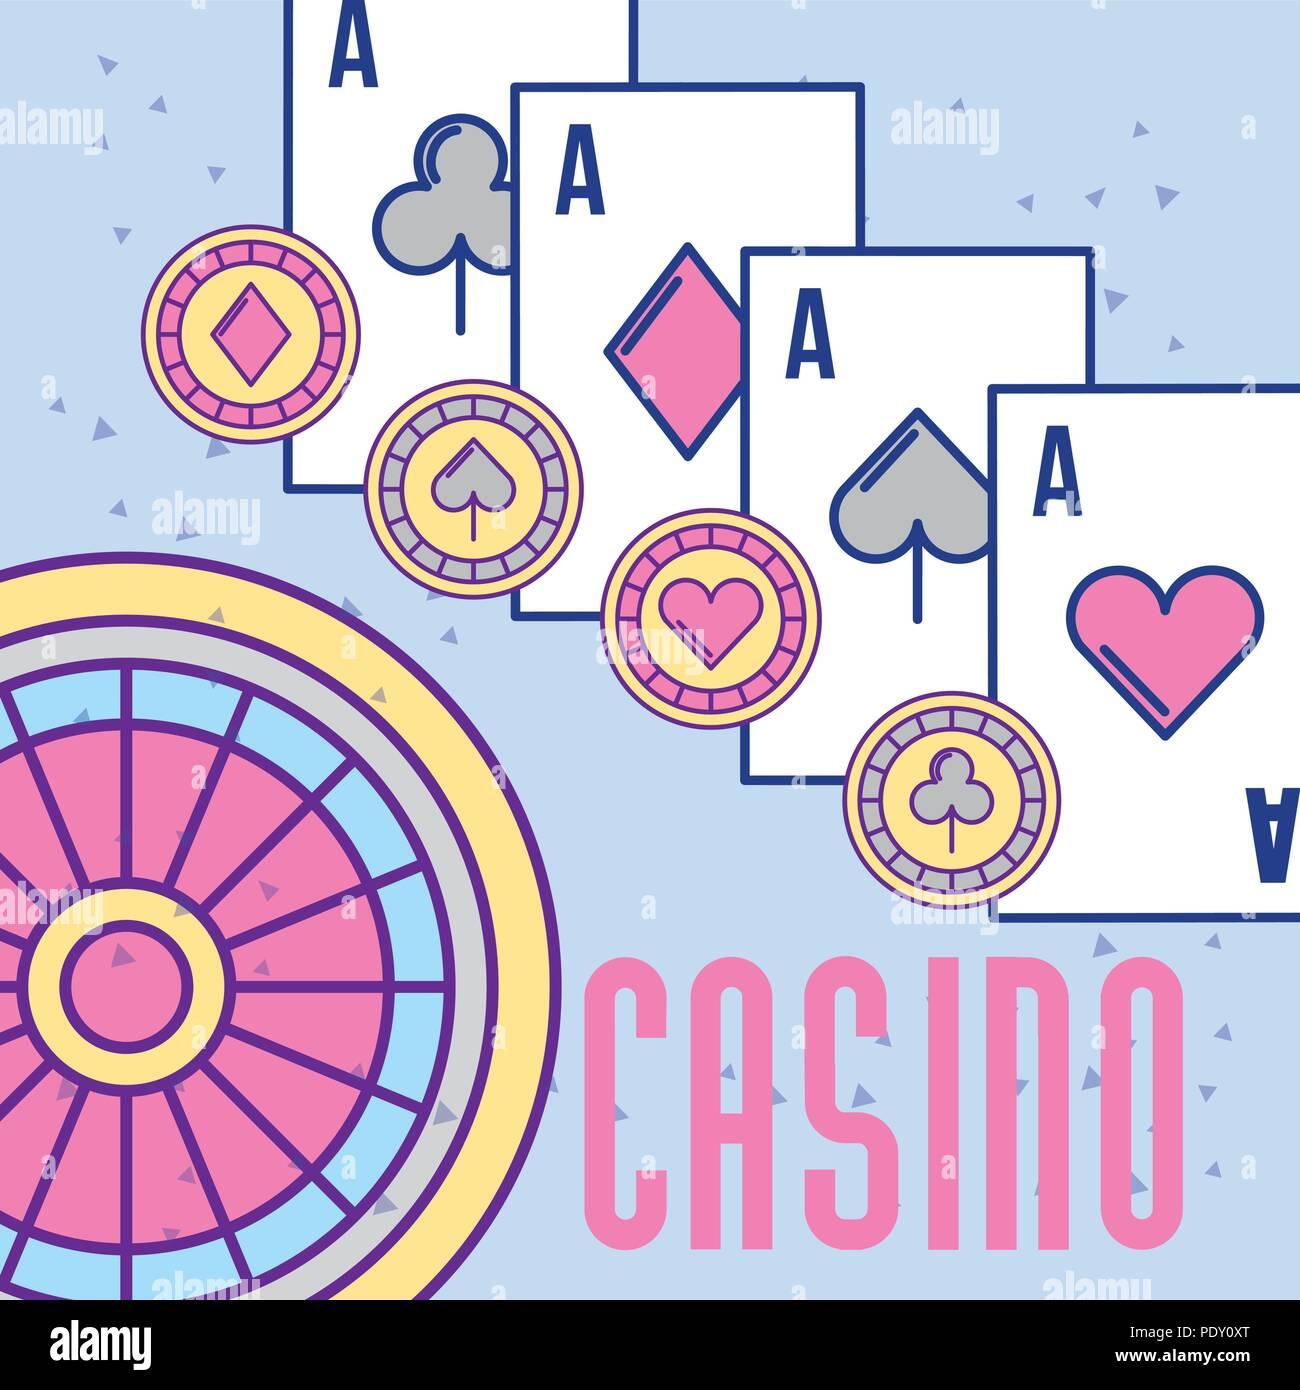 all spins casino